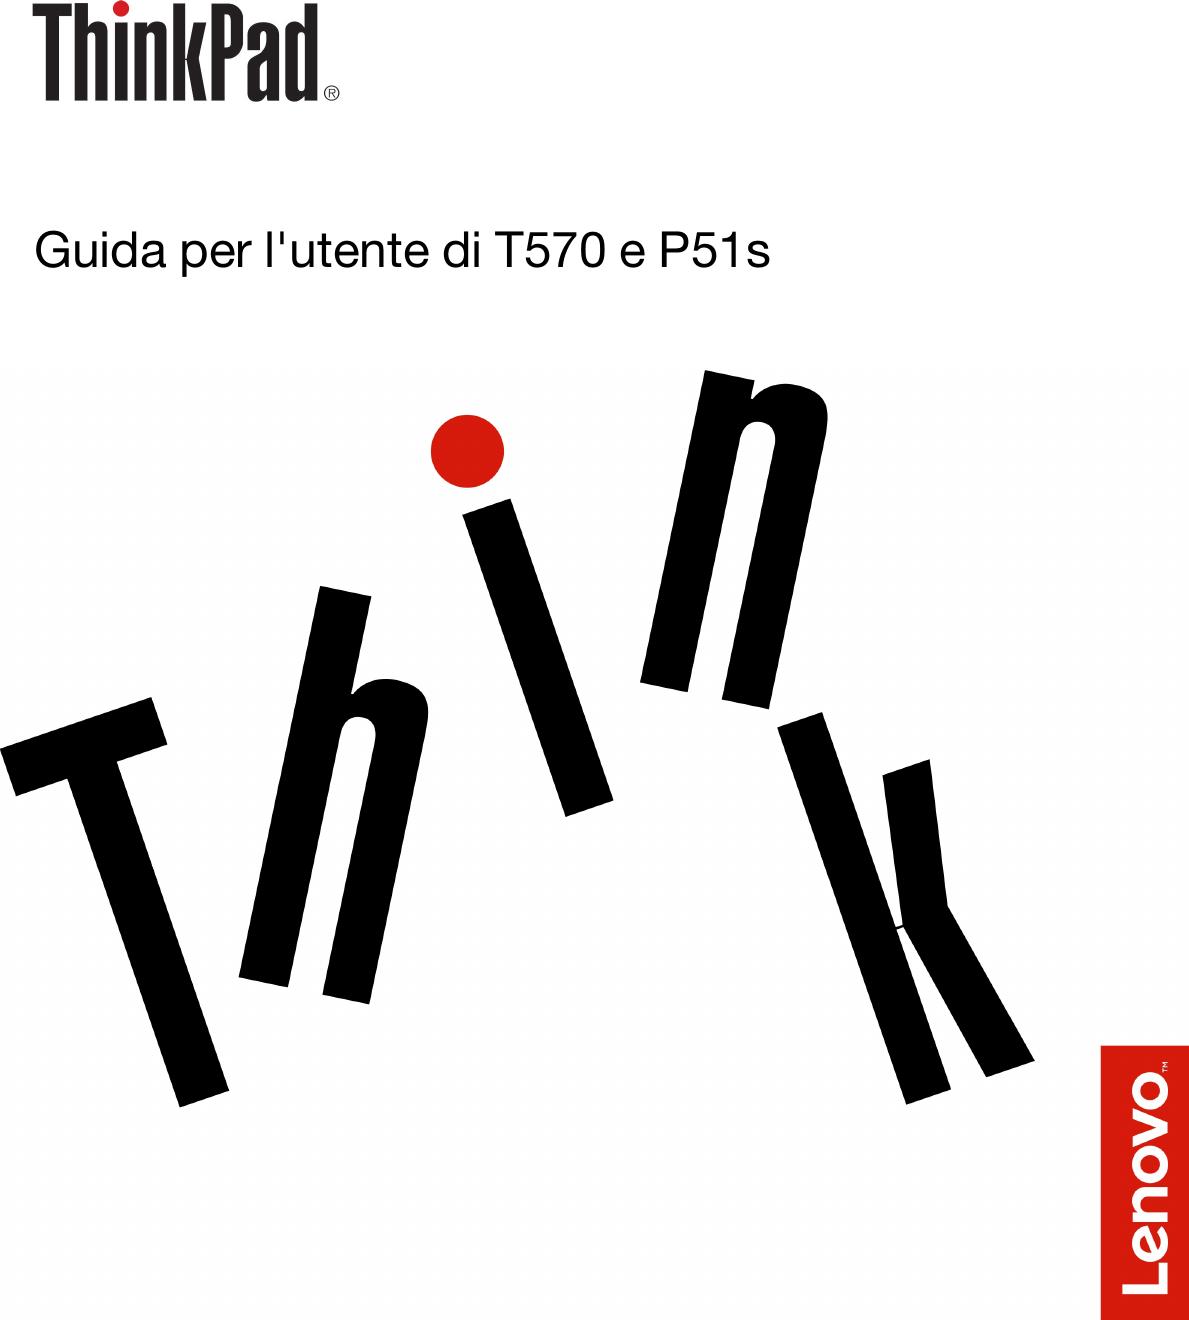 Lenovo Guida Per L'utente Di T570 E P51s (Italian) User